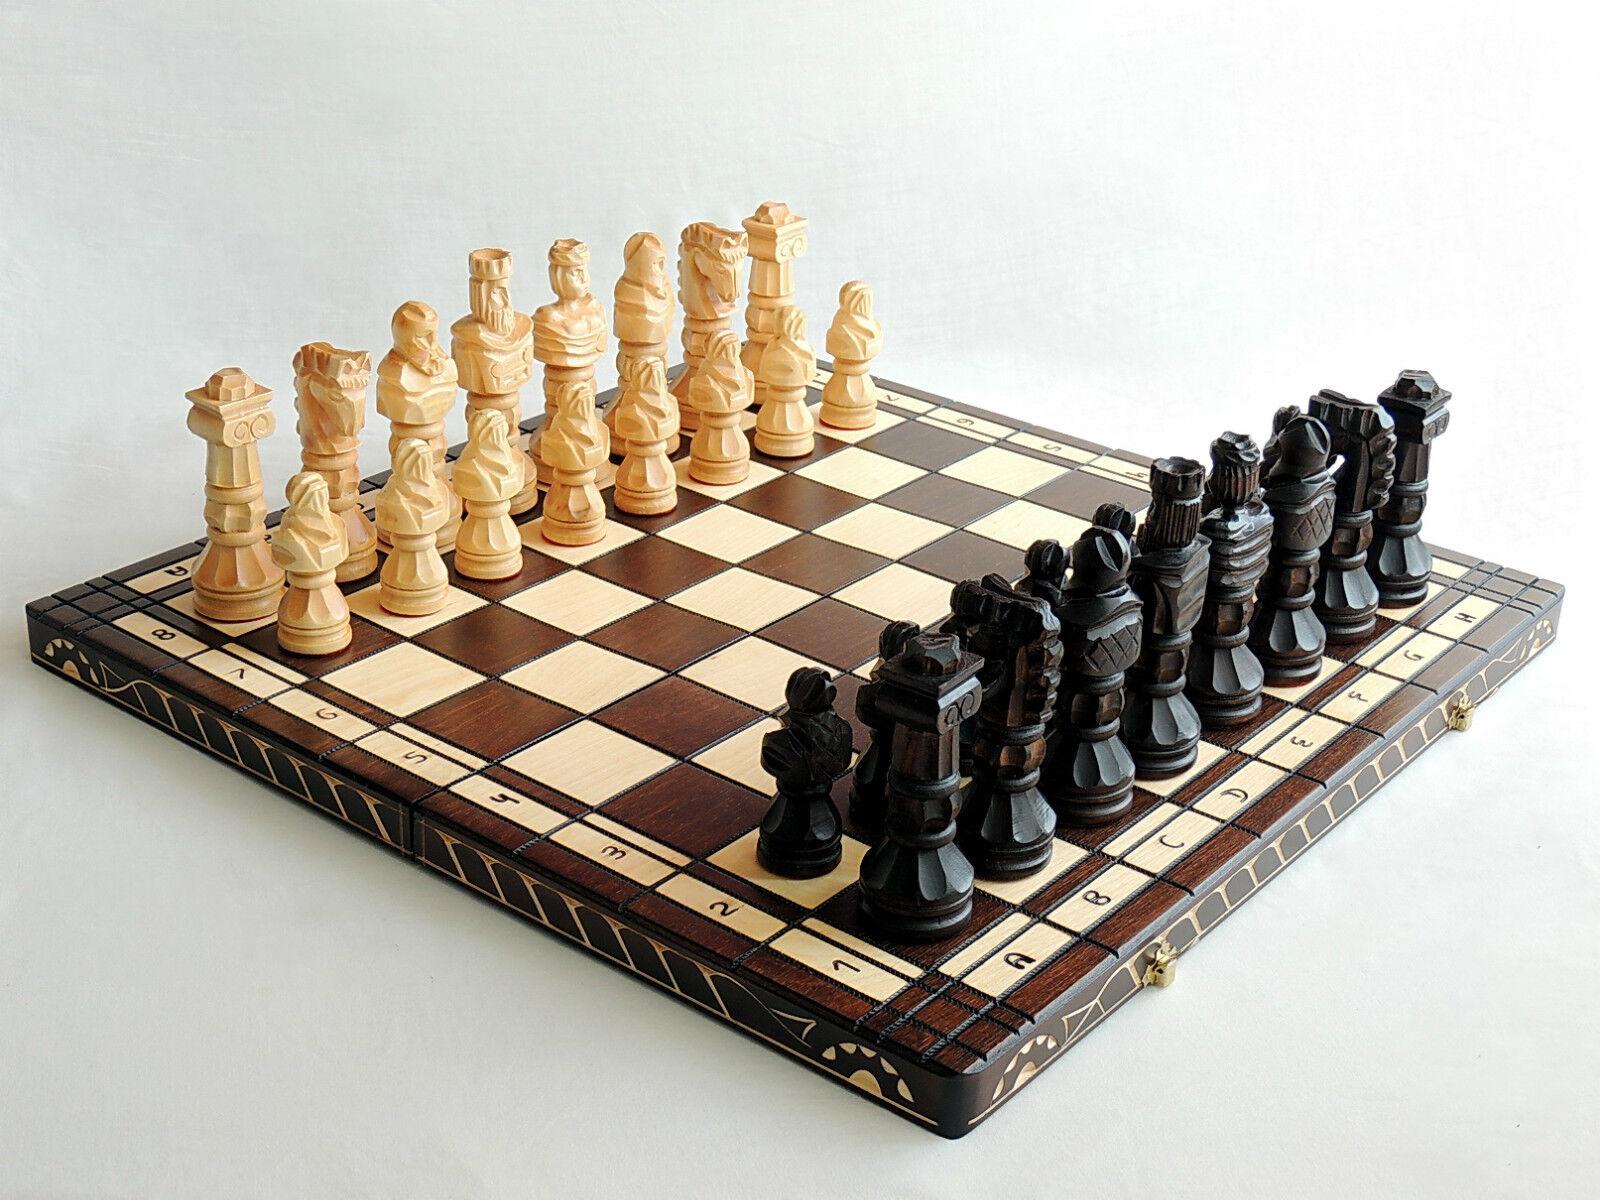 NEU LUXUS handgemacht geschnitzt Gladiator Schachspiel Schachspiel Schachspiel aus Holz 59cm 208c46